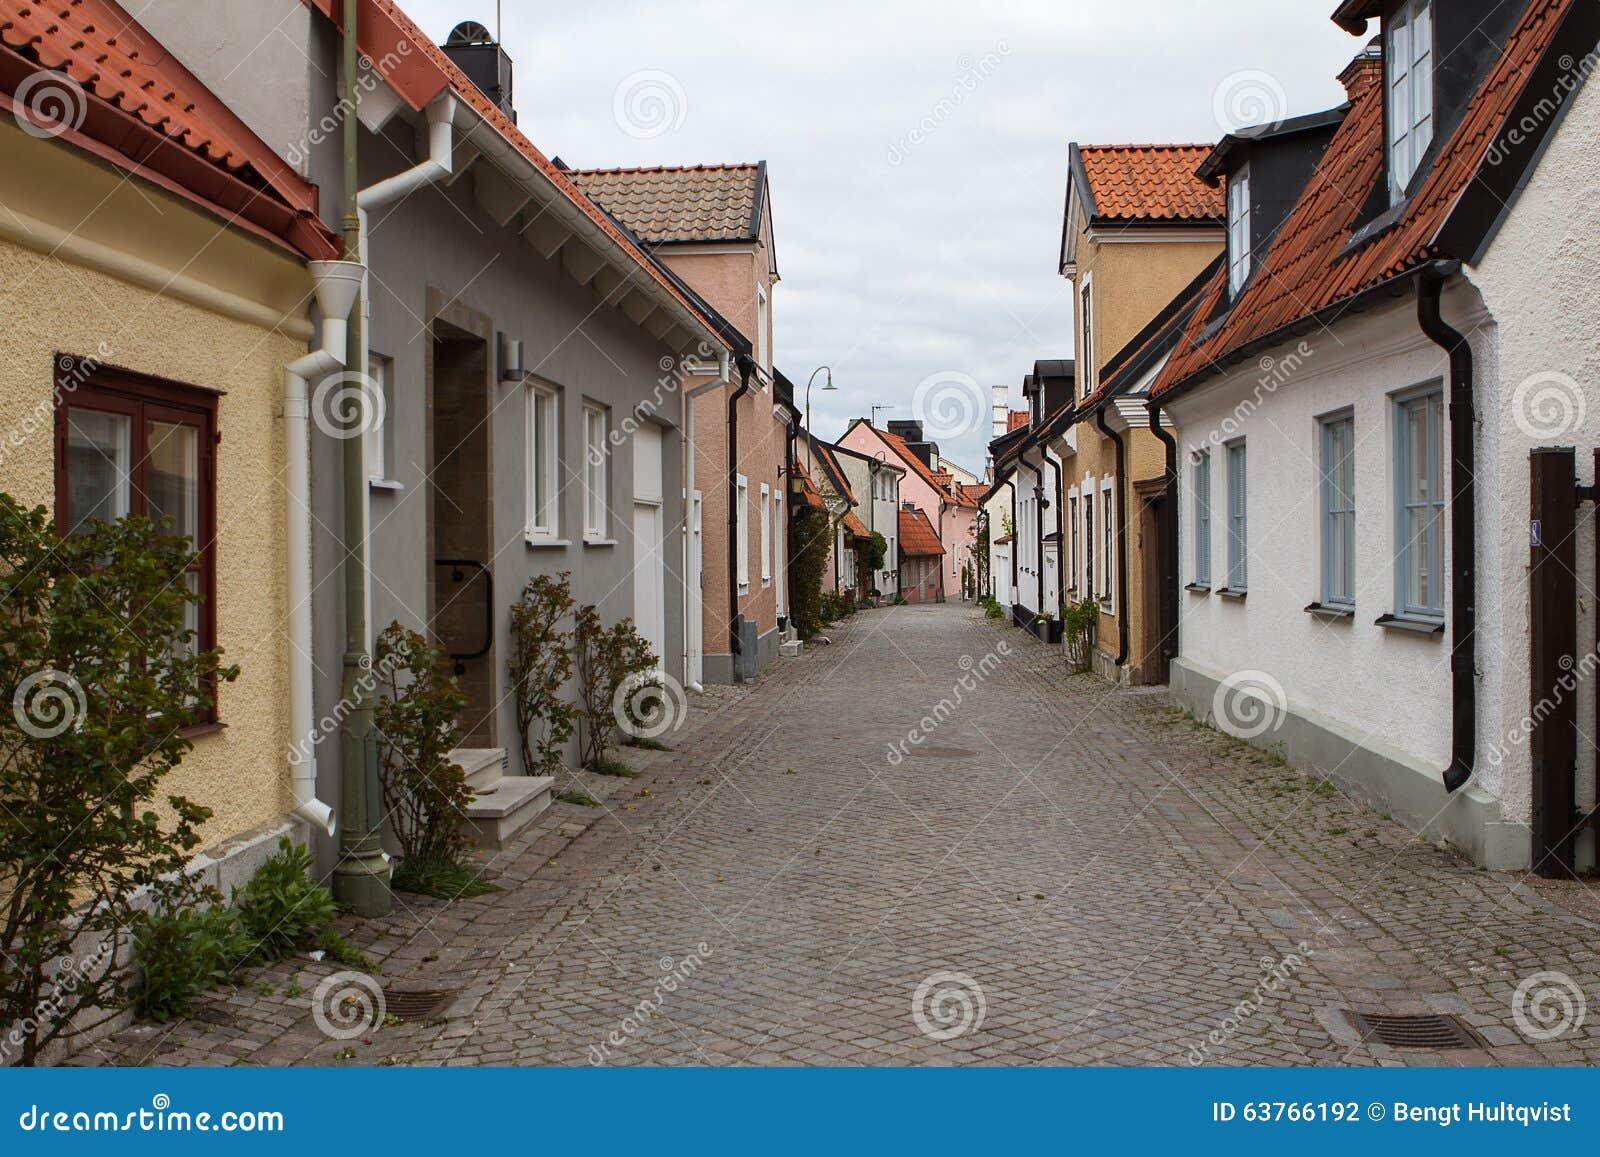 狭窄的街道在维斯比,瑞典